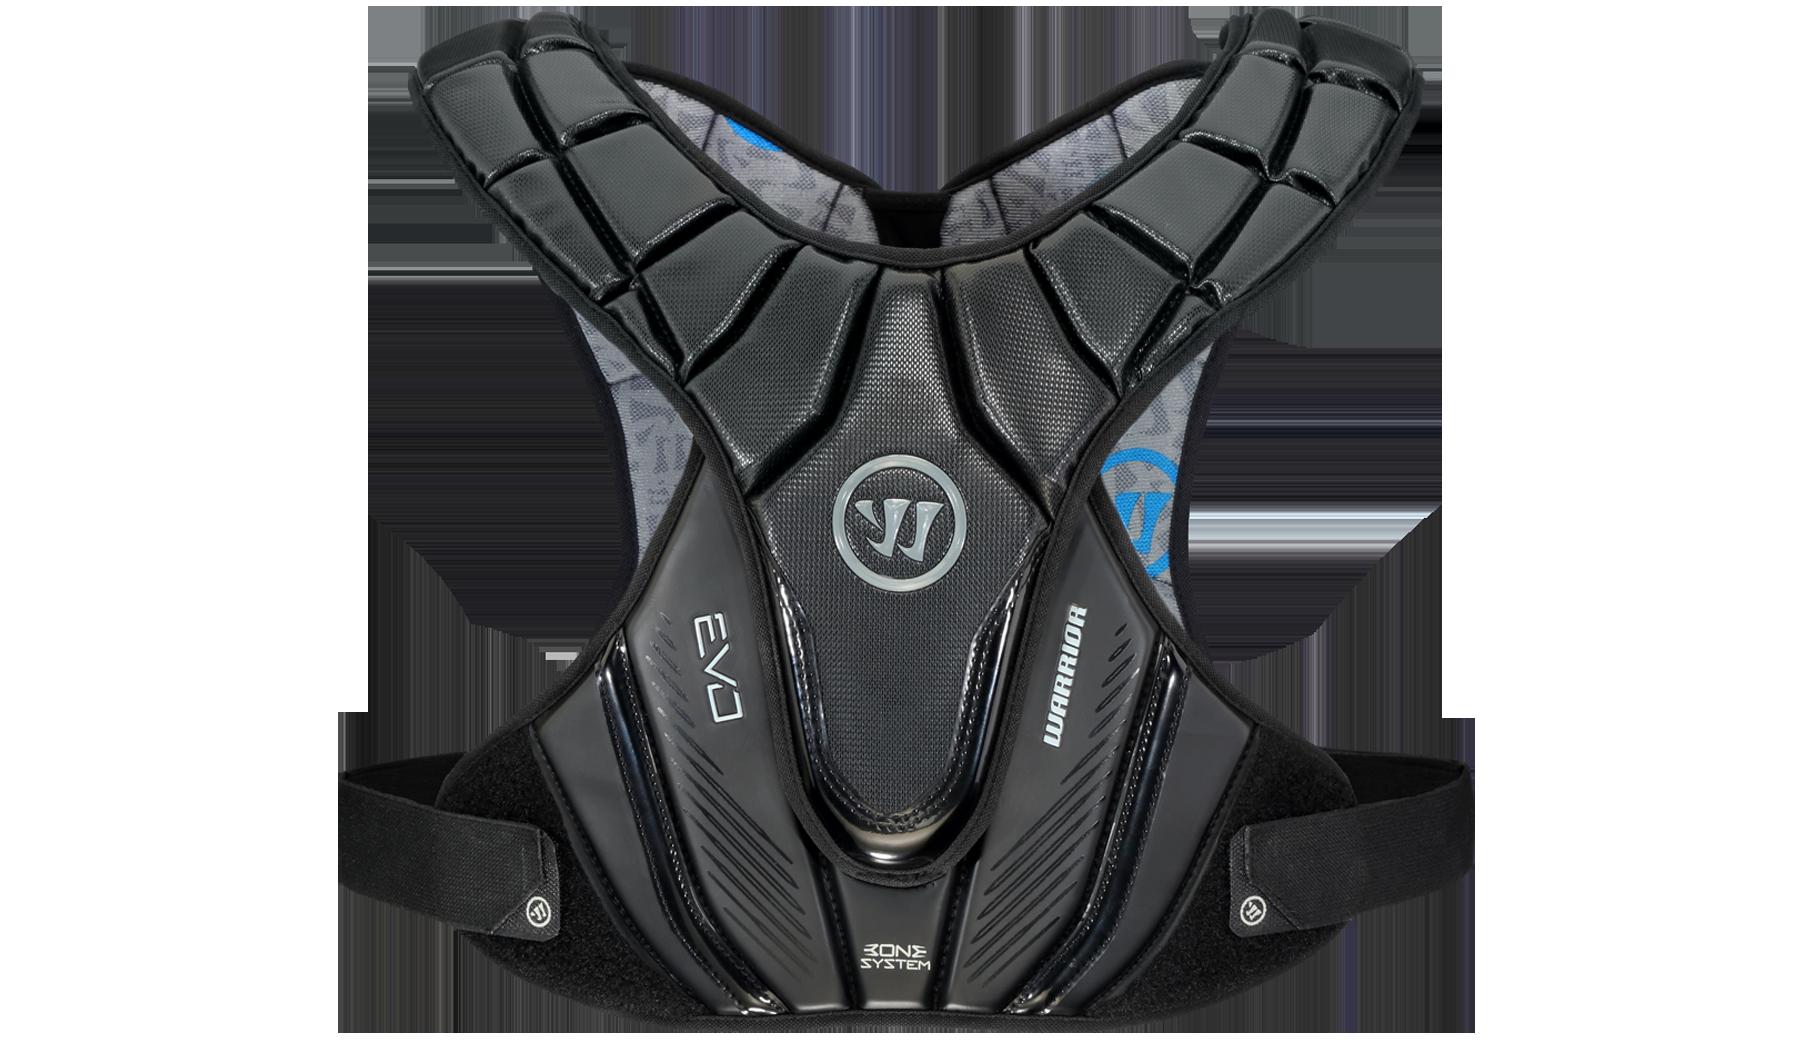 New Warrior Evo Hitlyte Shoulder Pads Large